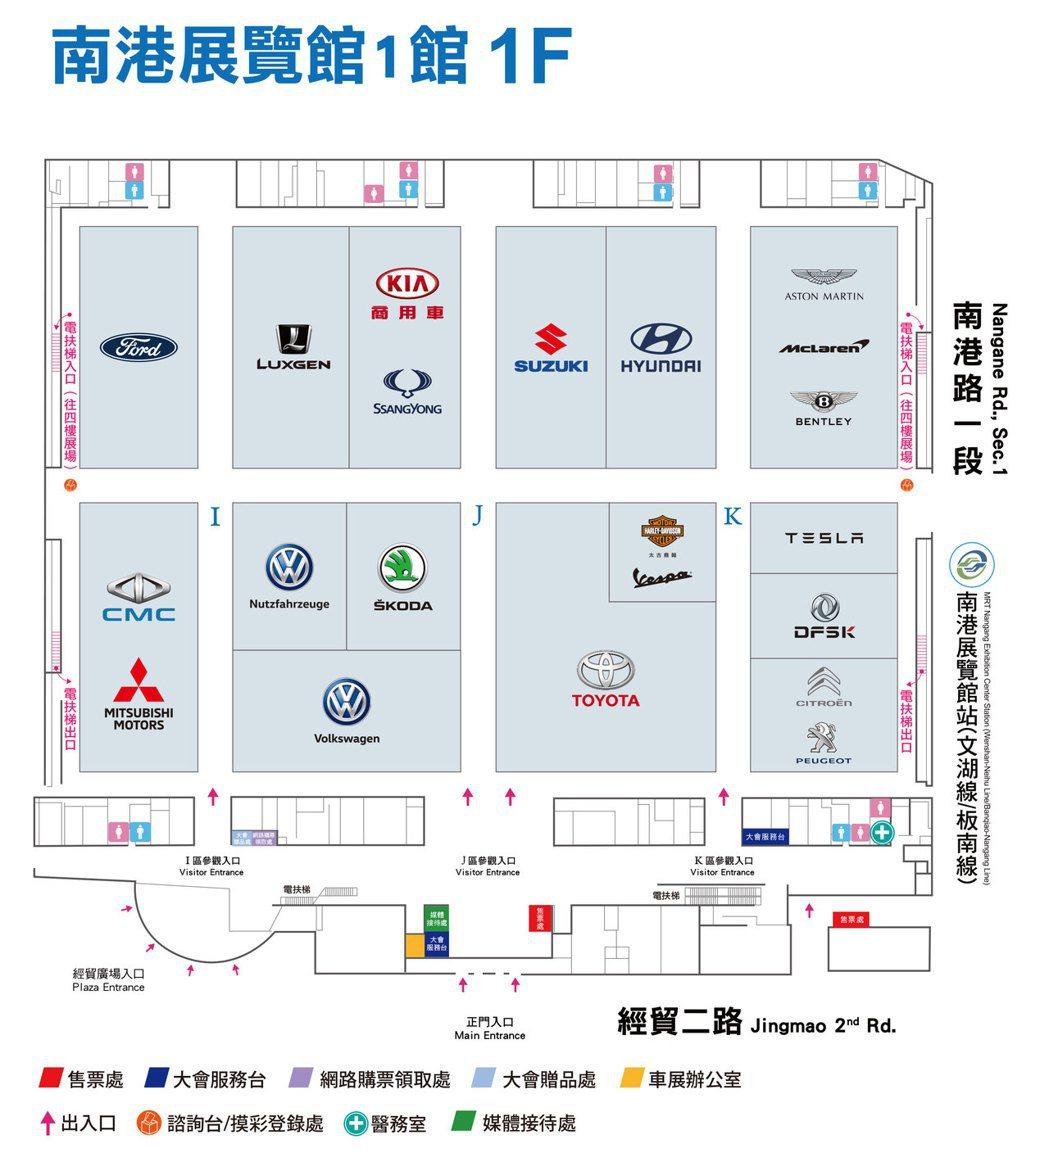 圖/台北新車大展提供